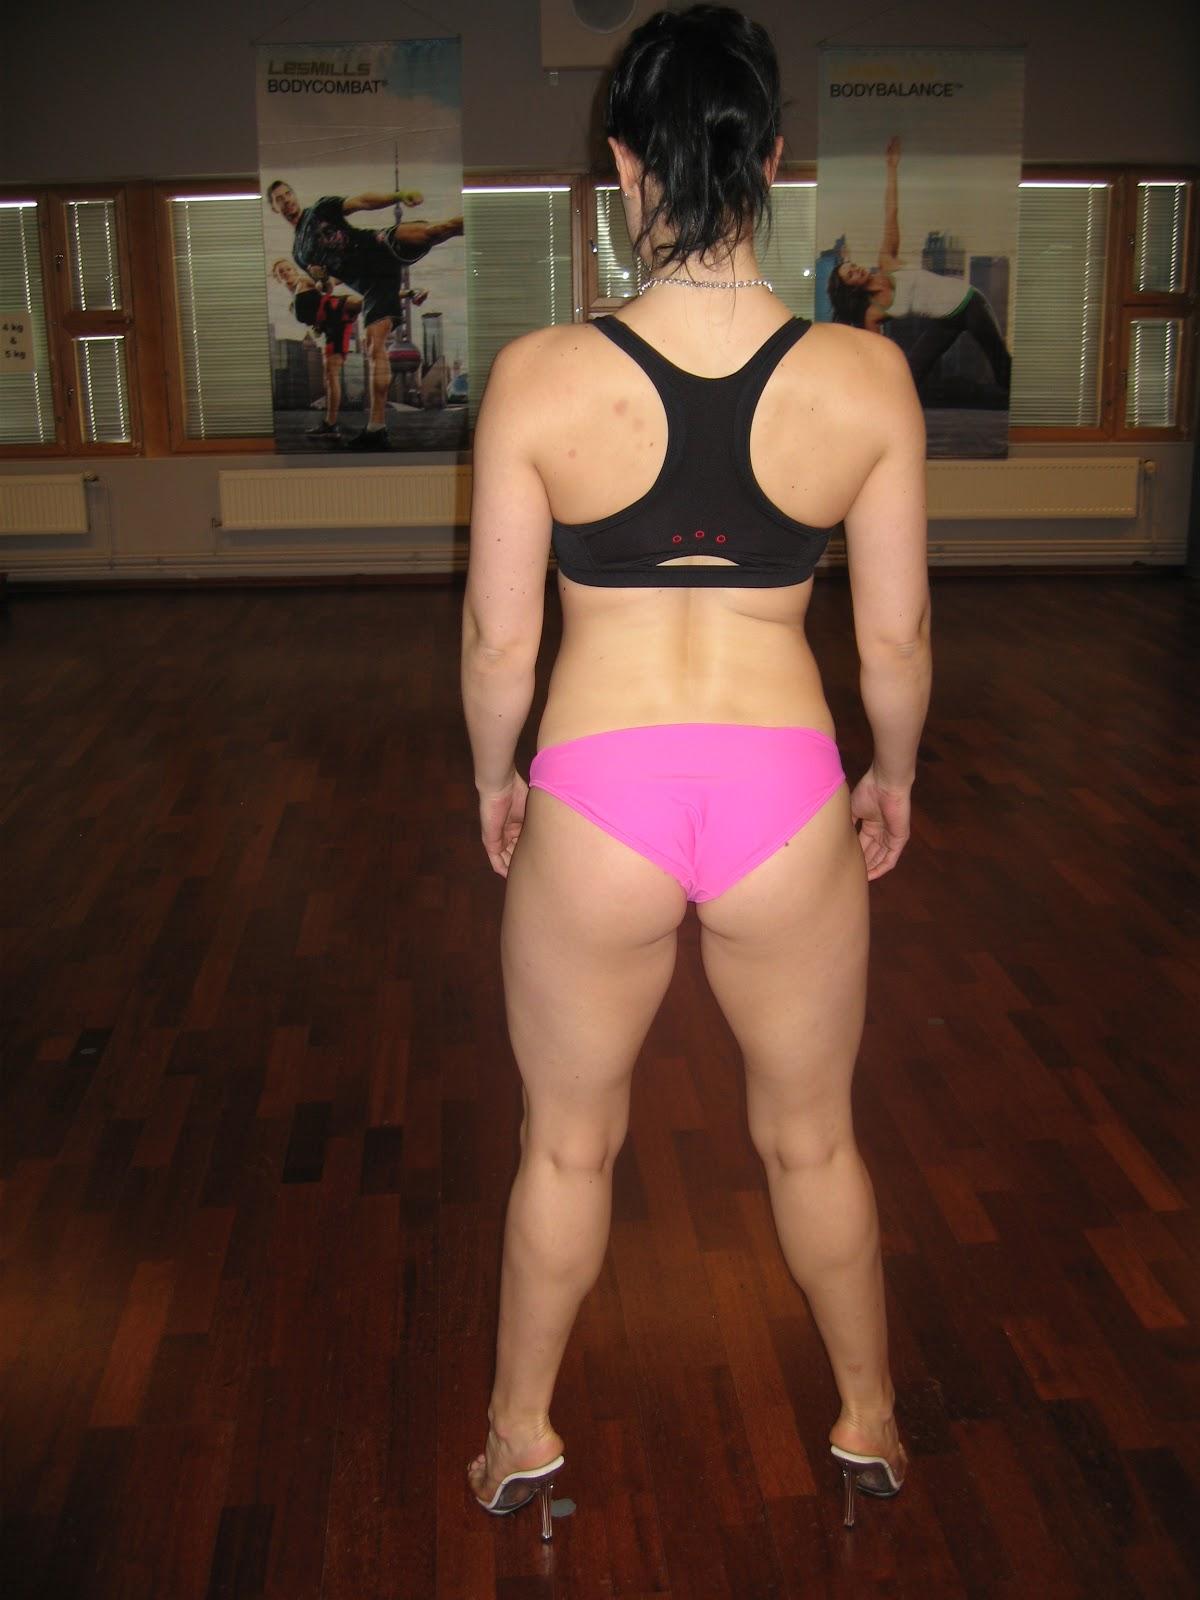 rasva pois lihasten päältä